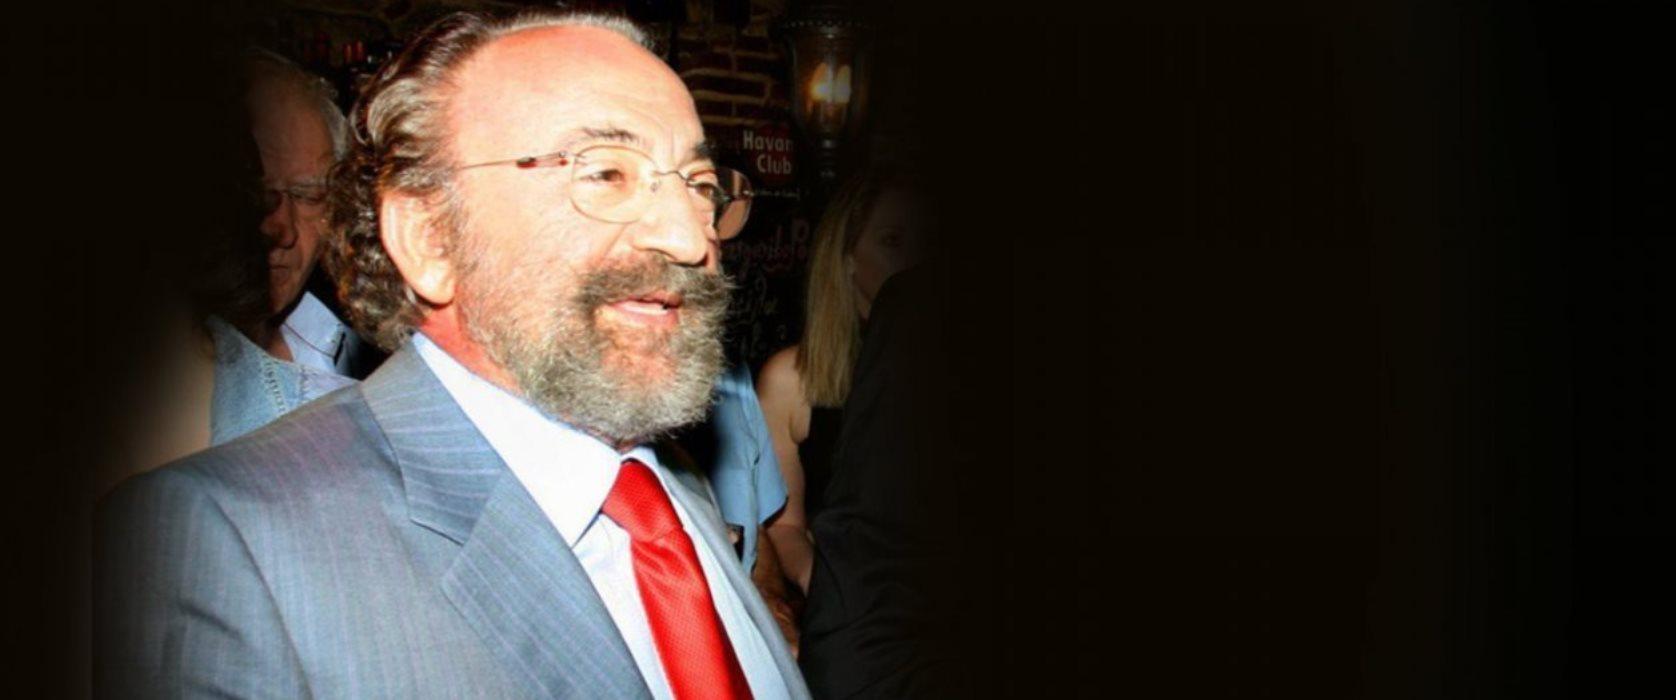 Χρήστος Καλογρίτσας: Ποιος είναι ο «ξυπόλυτος πρίγκηψ» που έφερε τα πάνω-κάτω στην πολιτική ζωή της χώρας!